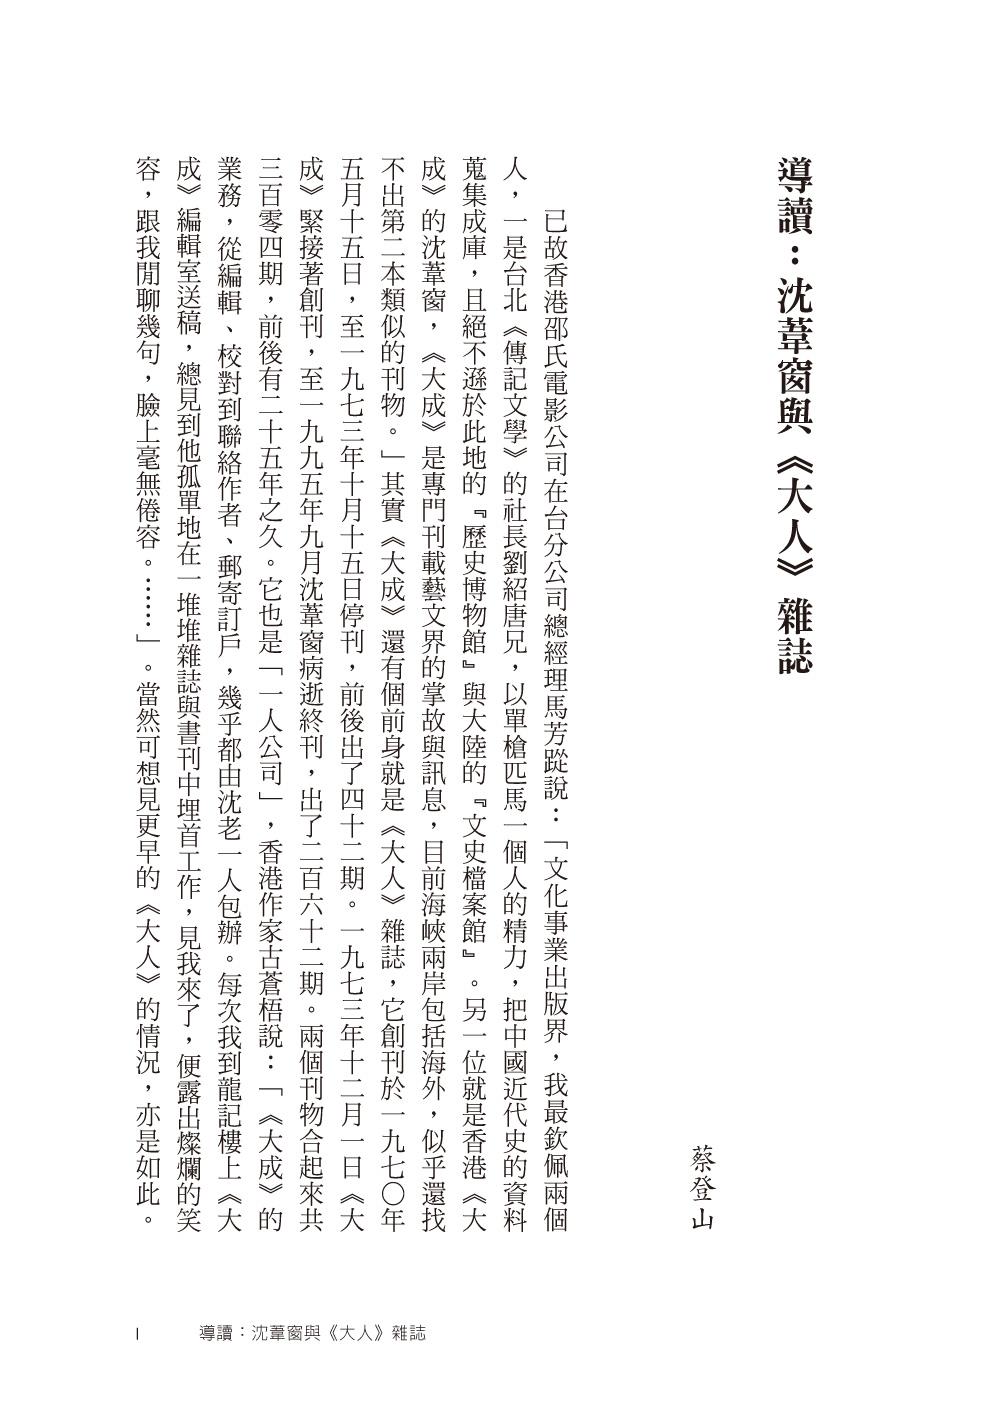 http://im2.book.com.tw/image/getImage?i=http://www.books.com.tw/img/001/076/39/0010763959_b_05.jpg&v=59a7f360&w=655&h=609